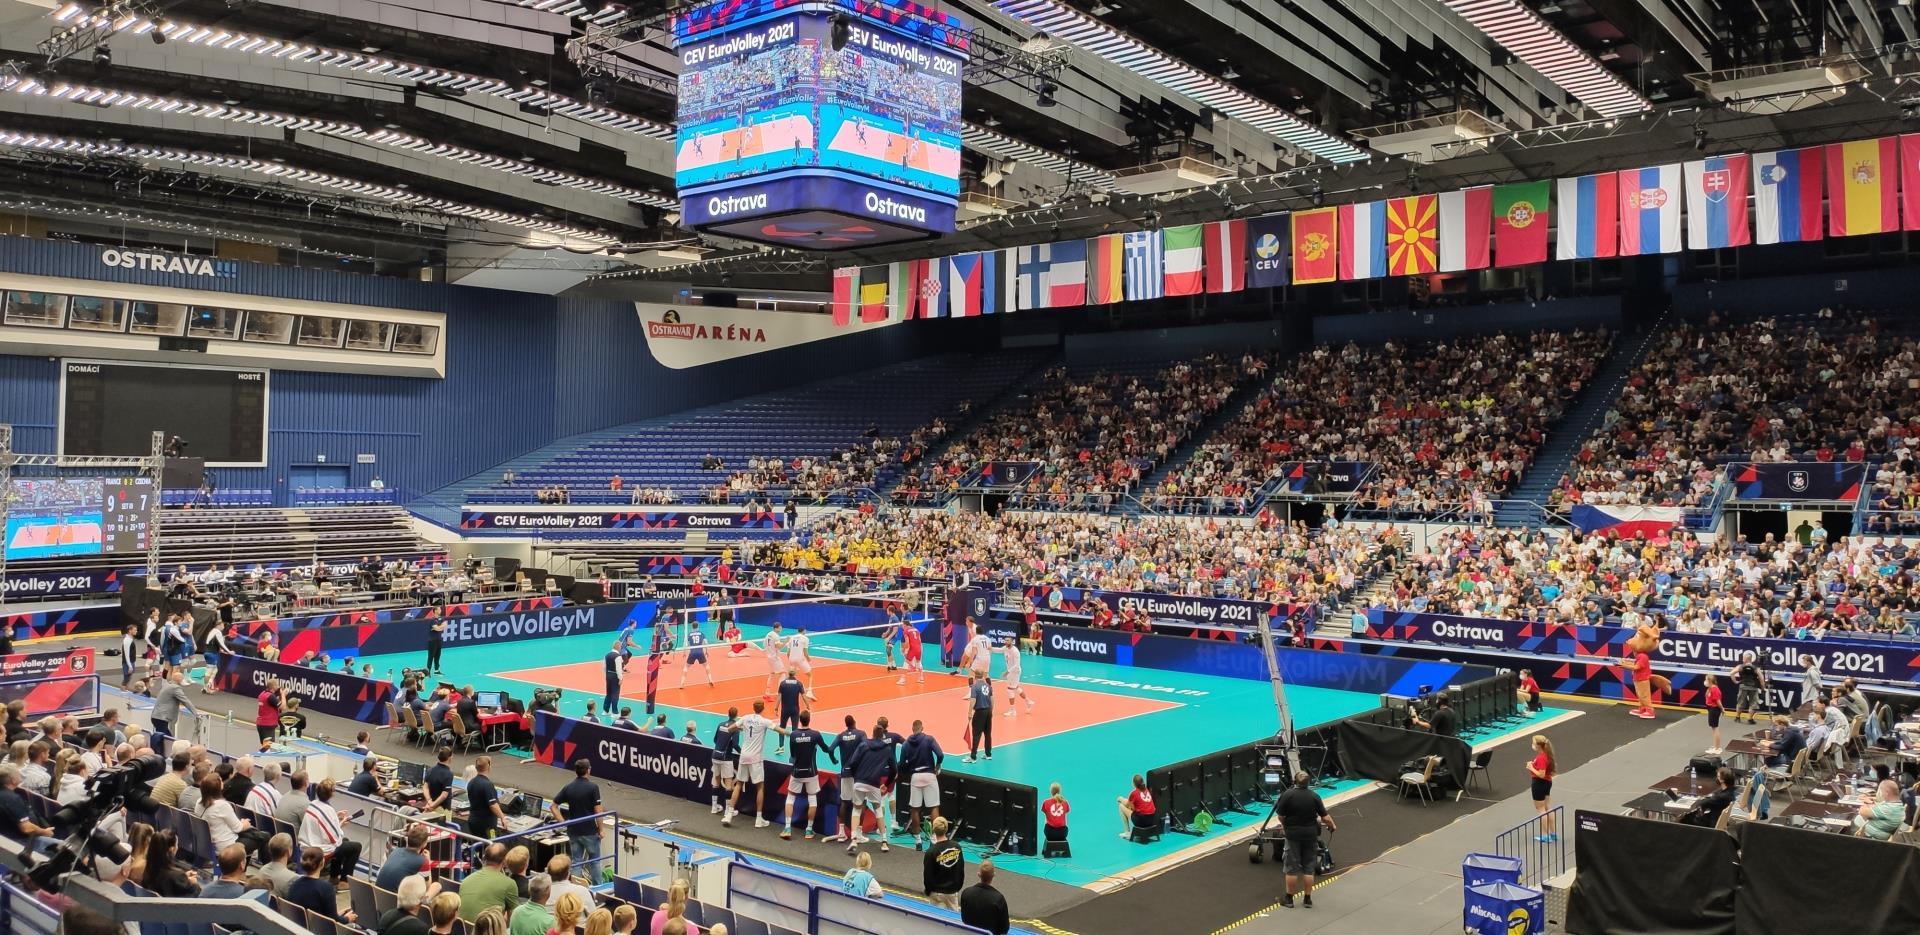 ME ve volejbalu mužů CEV EuroVolley 2021 - CZE:SLO